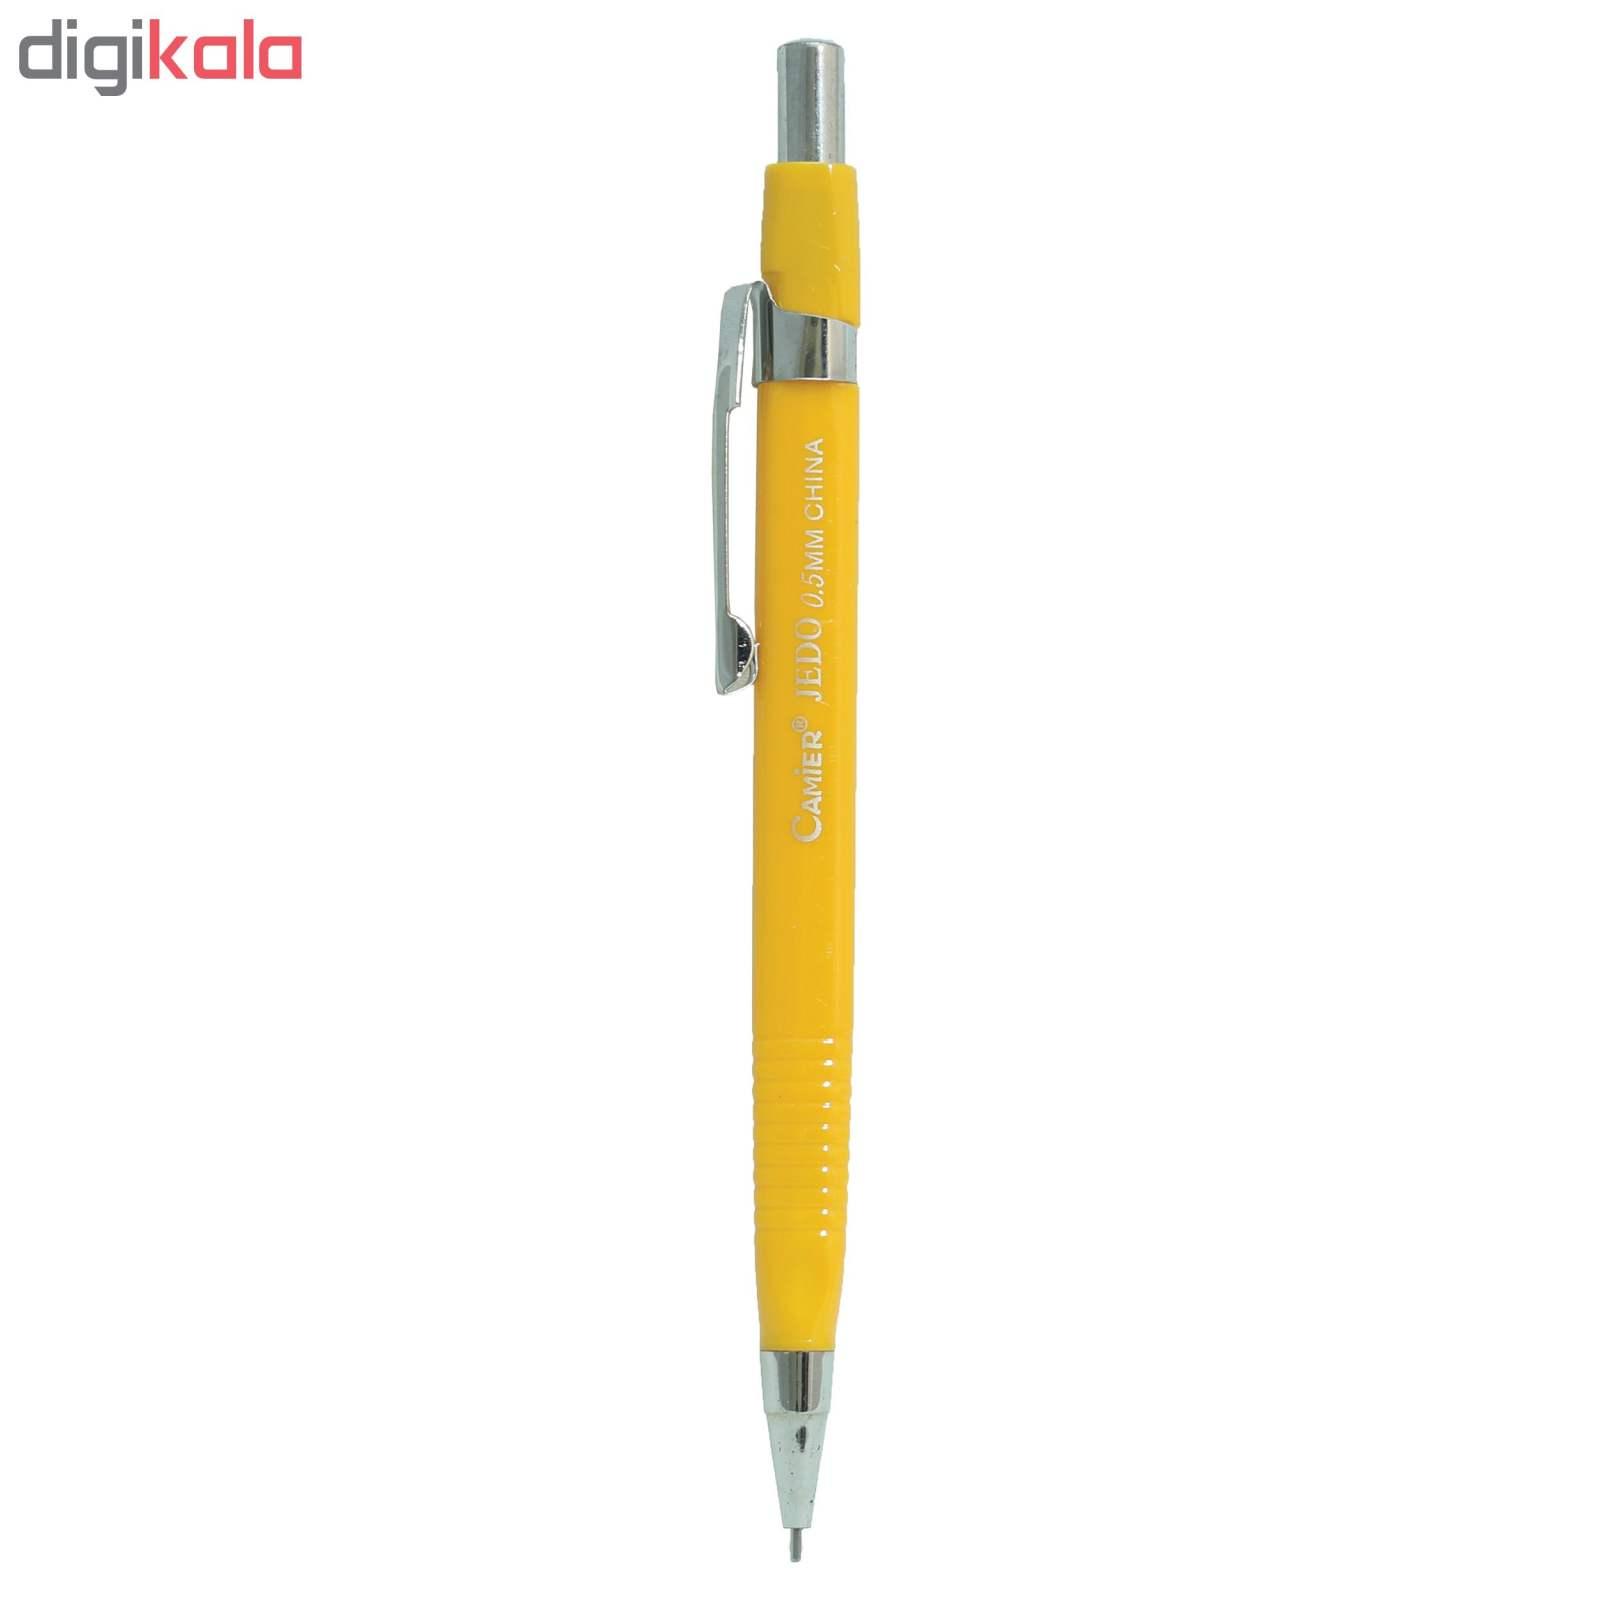 مداد نوکی 0.5 میلی متری جیدو مدل Camier main 1 3